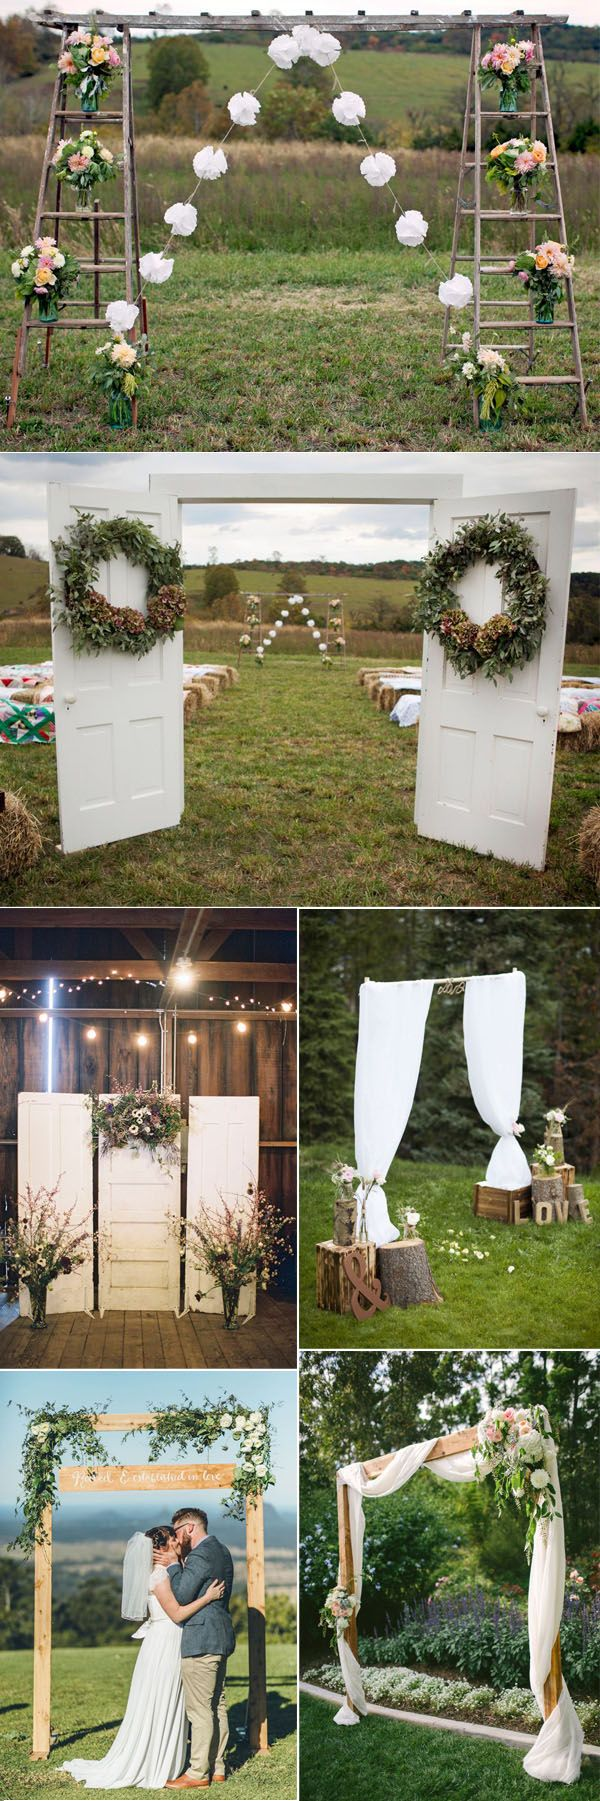 simple but stylish DIY wood wedding altar ideas